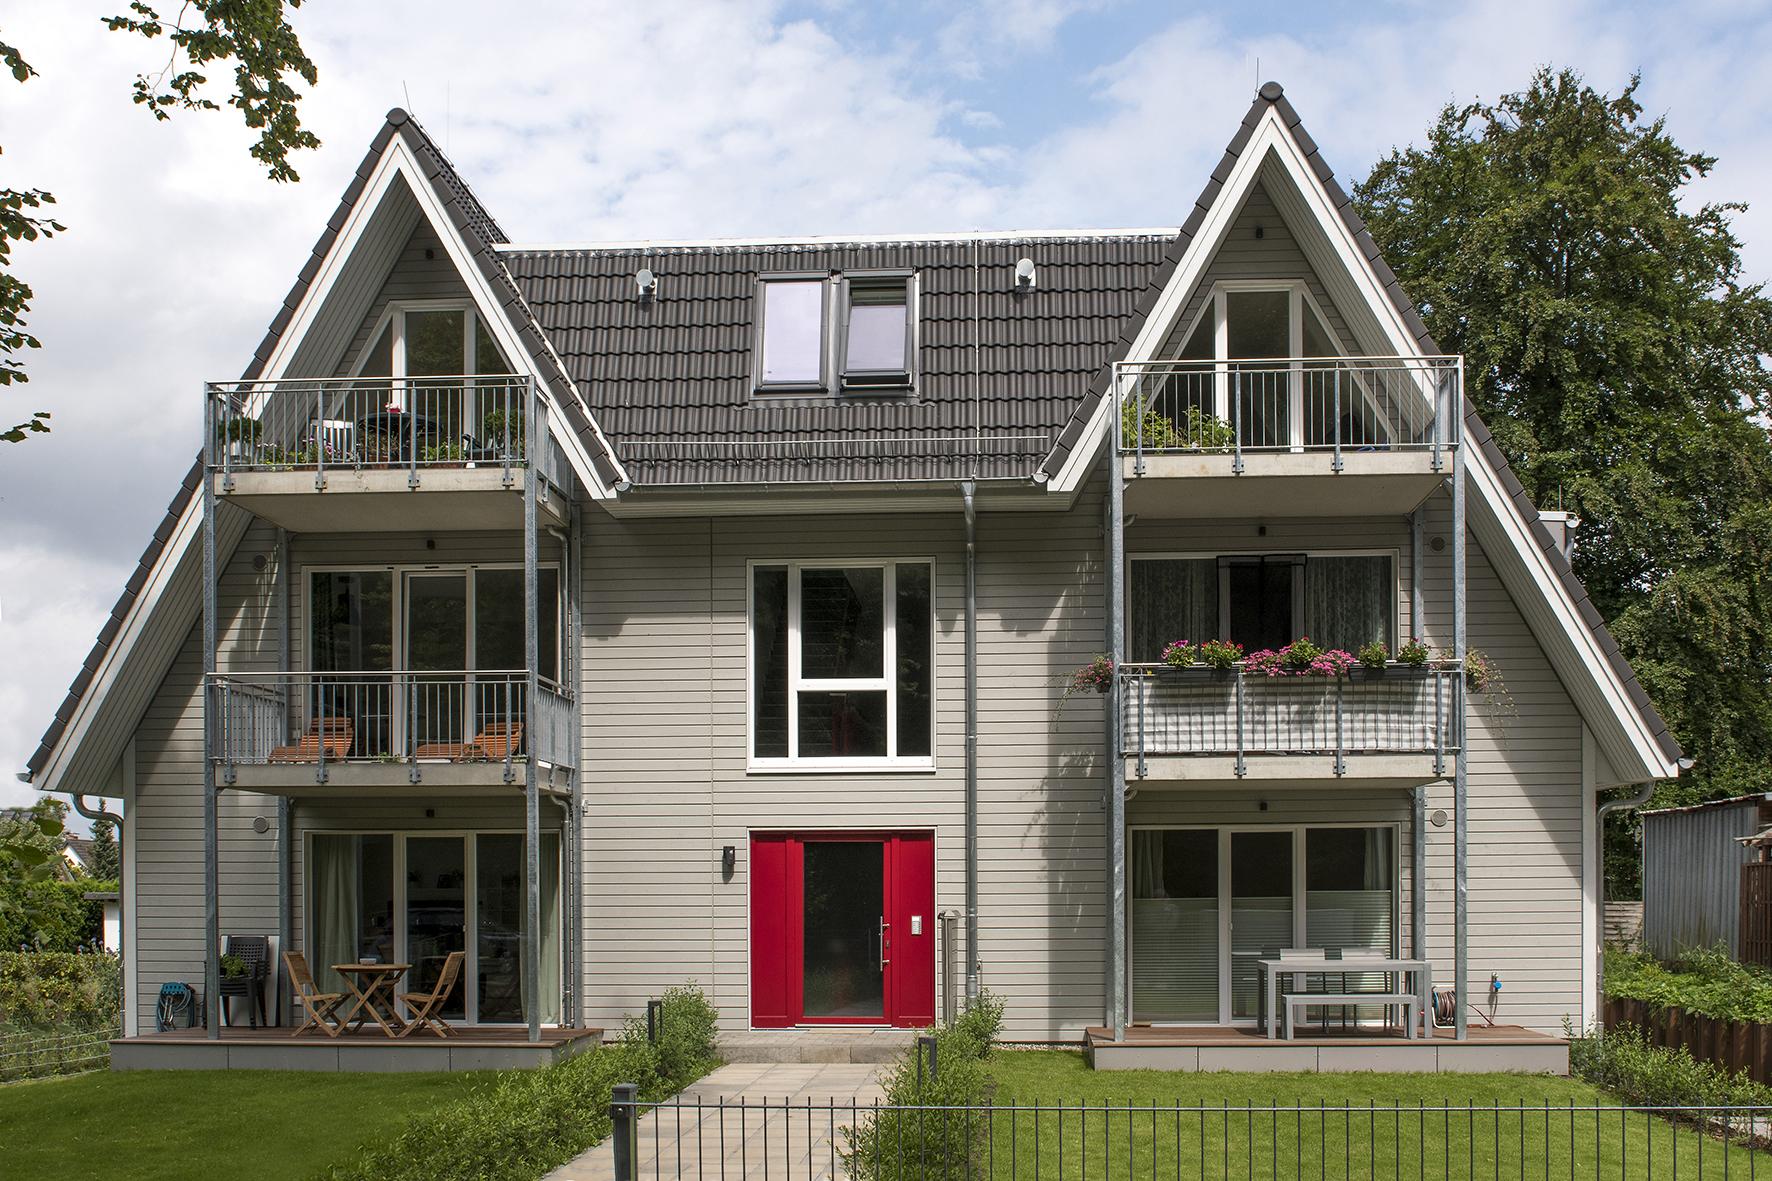 zimmerei stamer gmbh co kg allgemeine bauunternehmen. Black Bedroom Furniture Sets. Home Design Ideas